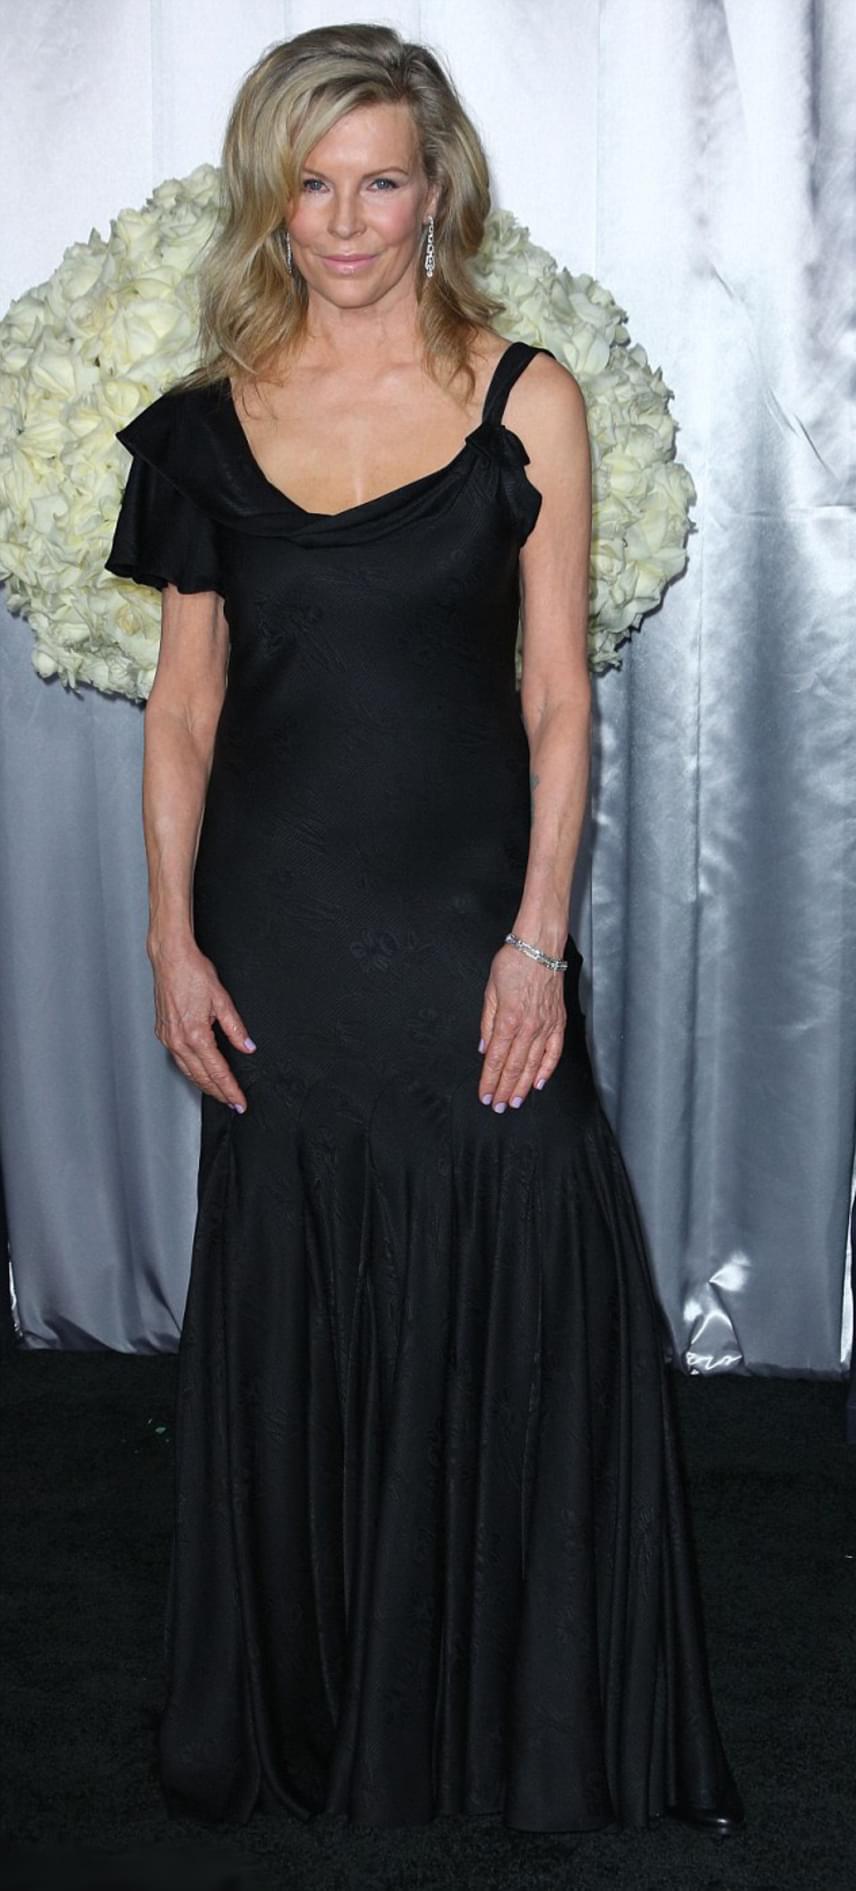 Kim Basinger legismertebb filmje a Kilenc és fél hét című erotikus film, amiben Mickey Rourke-kal melegedett össze a nyolcvanas évek közepén. Azóta nem csak a színésznő, hanem Mickey Rourke is elveszítette egykori sármját.